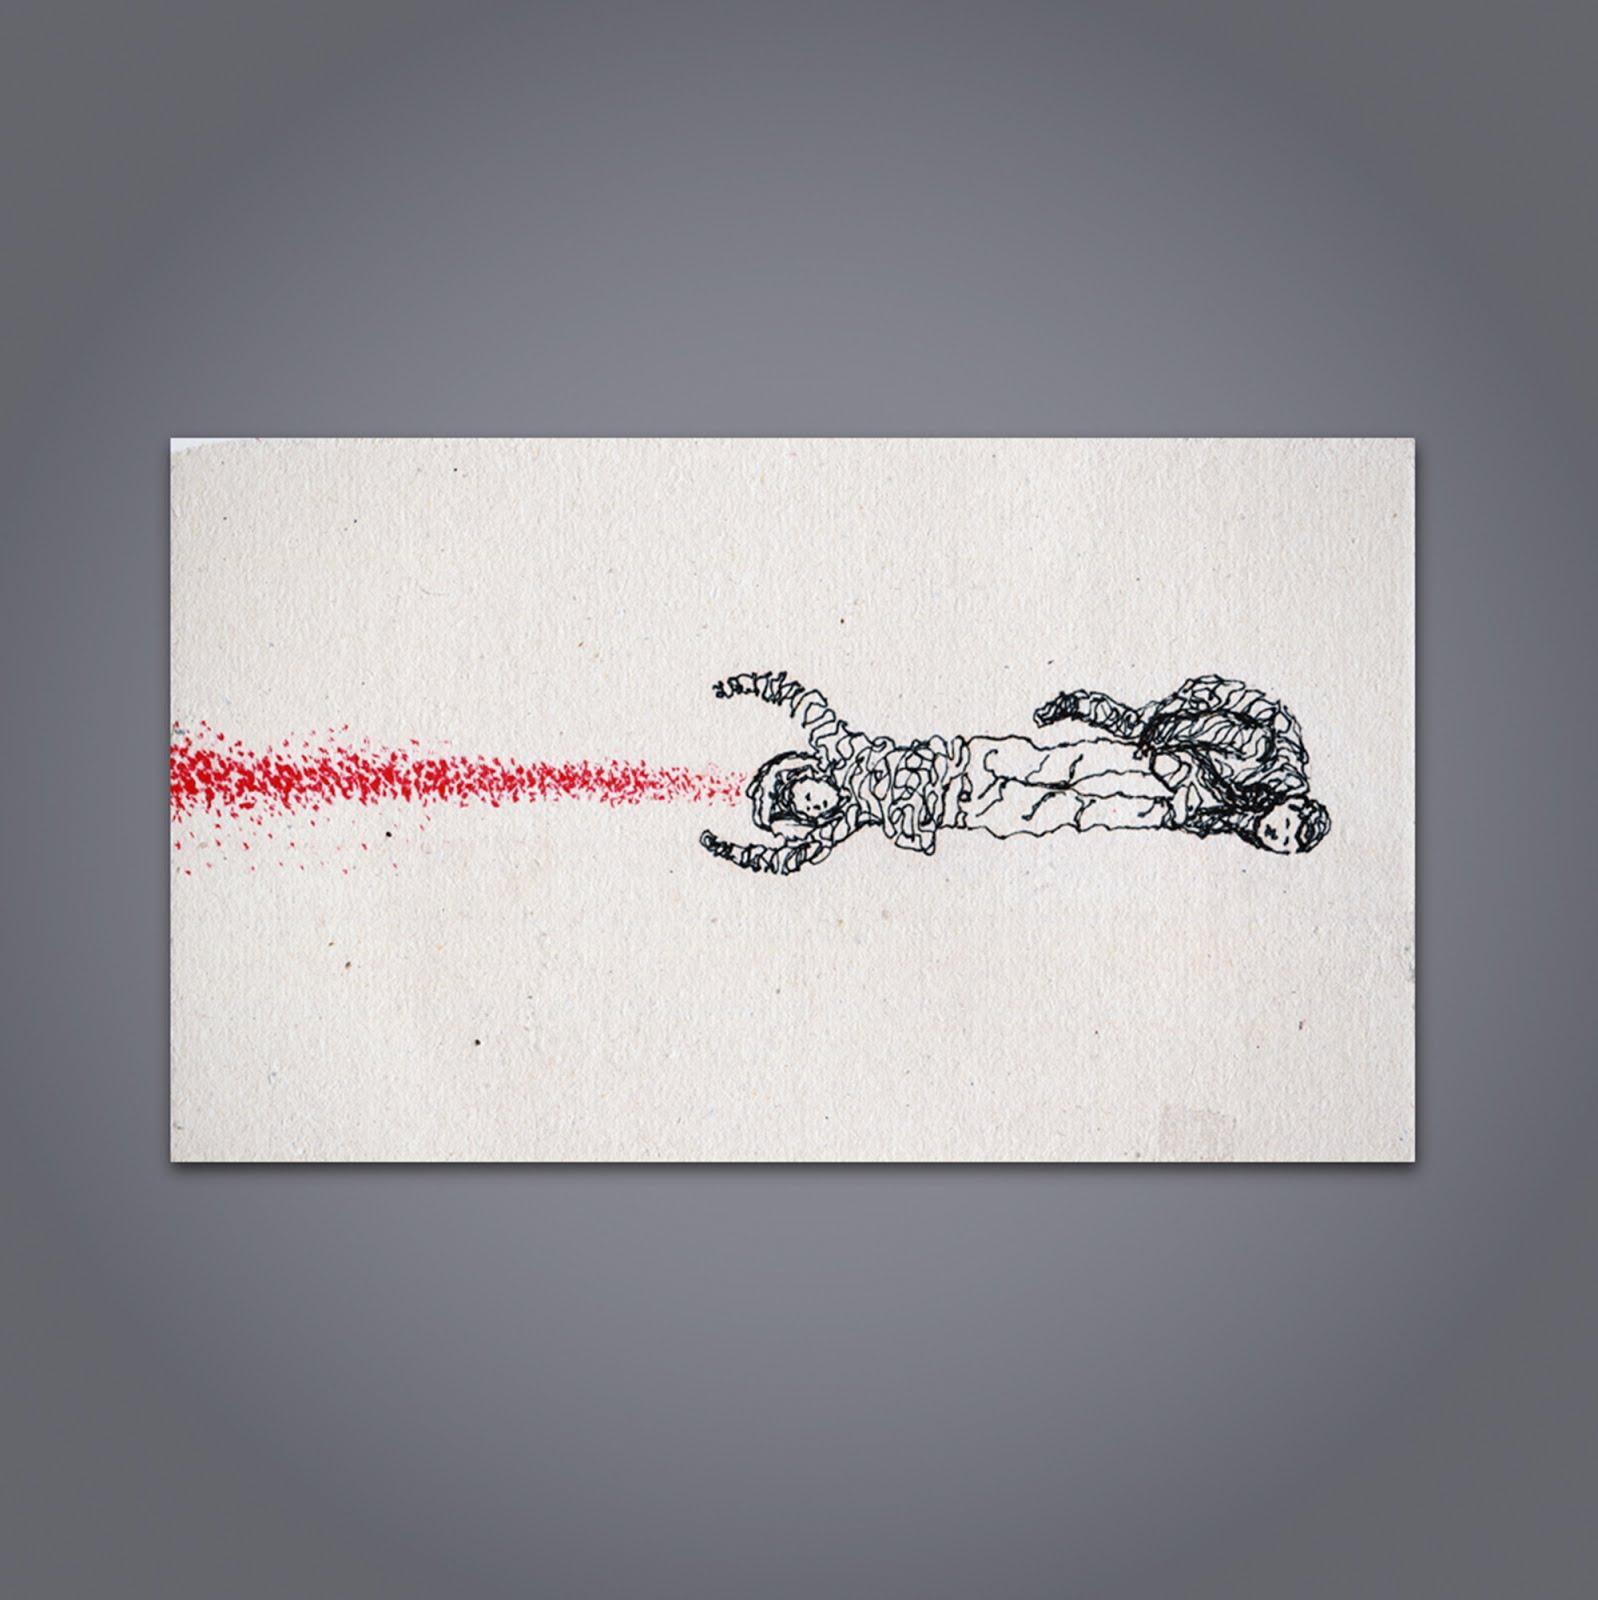 Ilustración creada por Pelayo Rodríguez sobre la serie Fargo